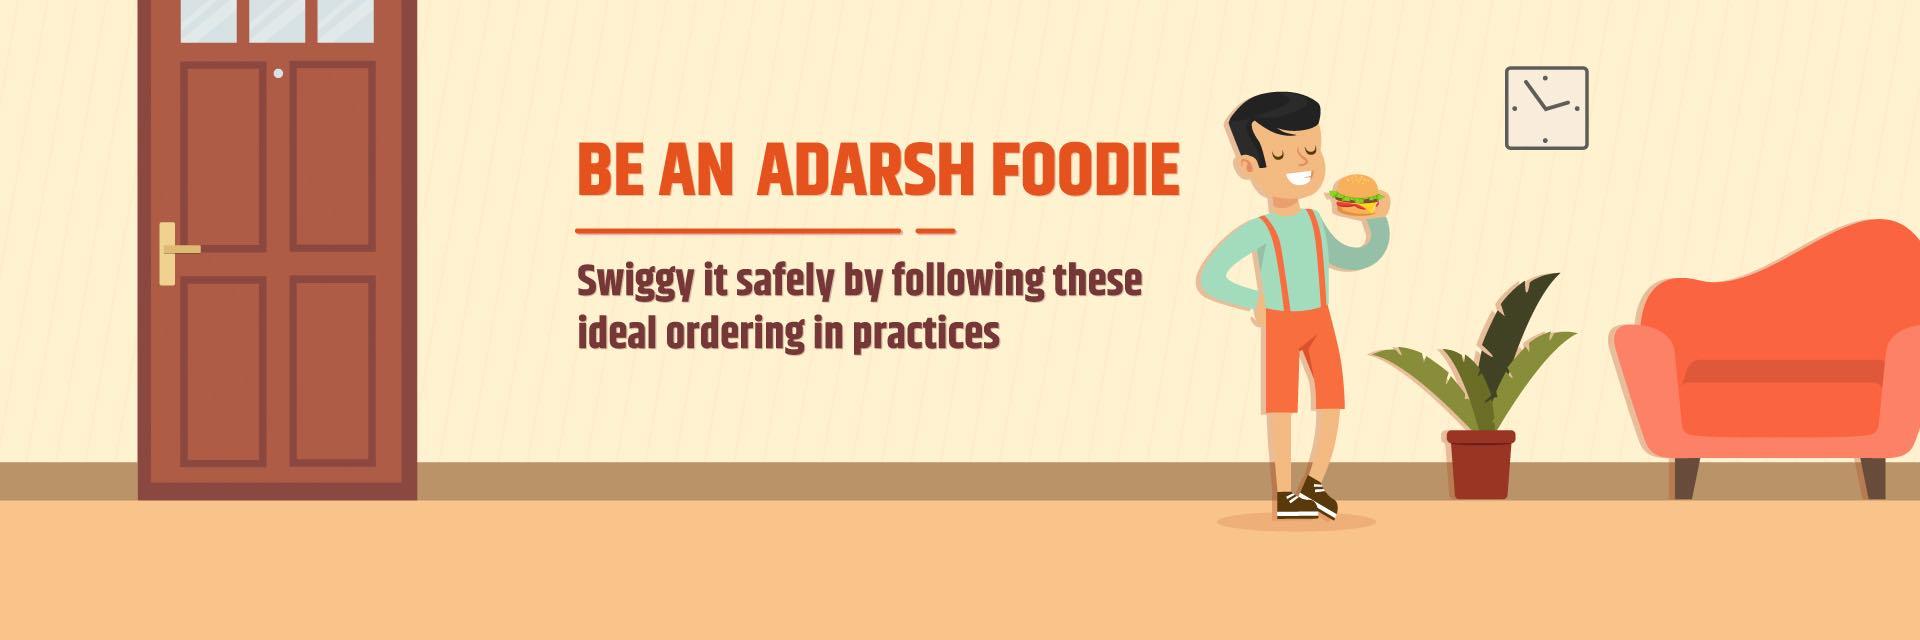 Be an Adarsh Foodie